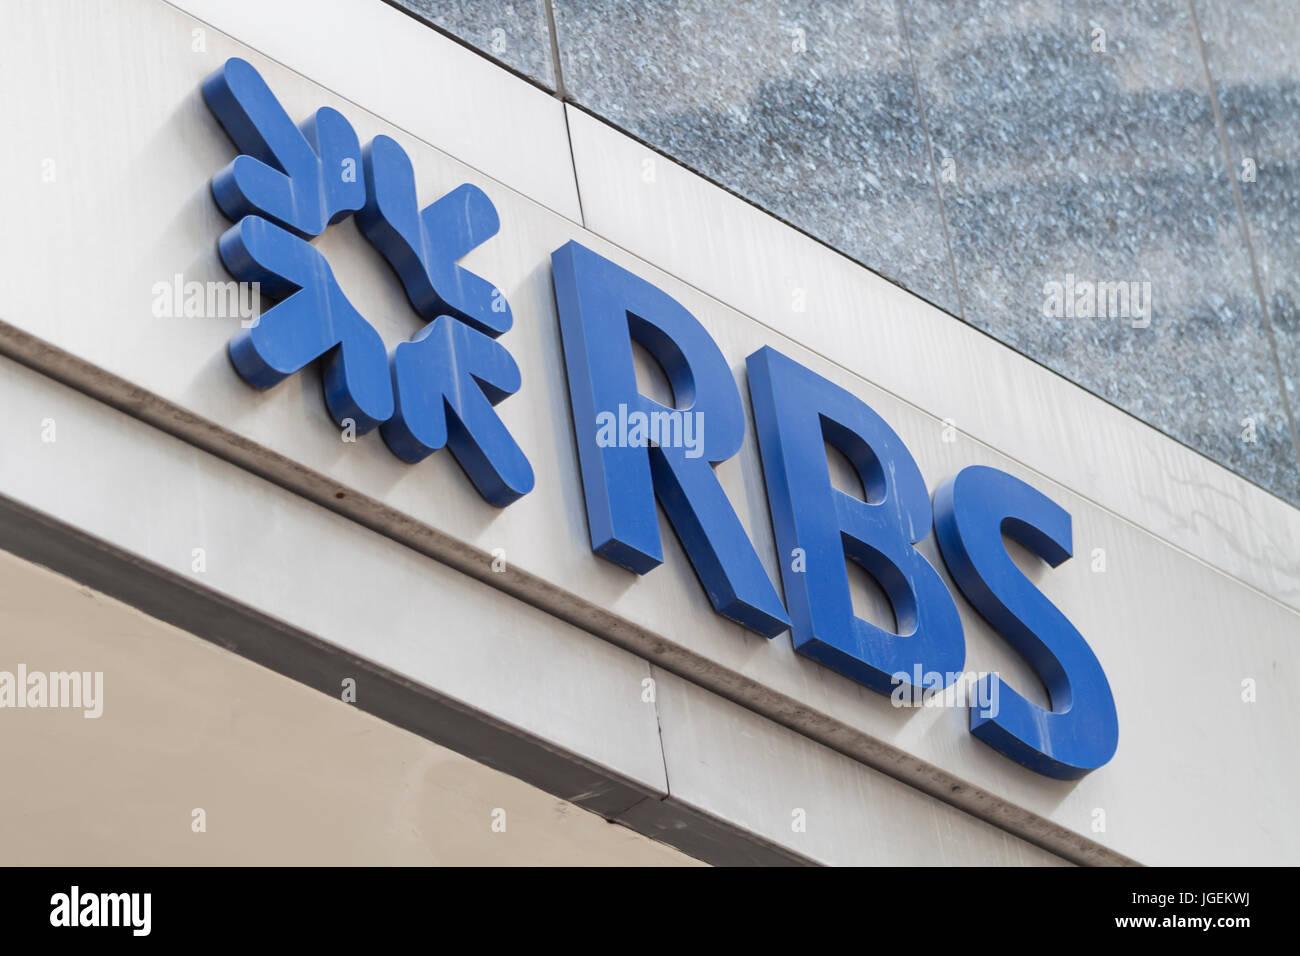 Vista ravvicinata della Royal Bank of Scotland (RBS) marca con logo in Londra Immagini Stock